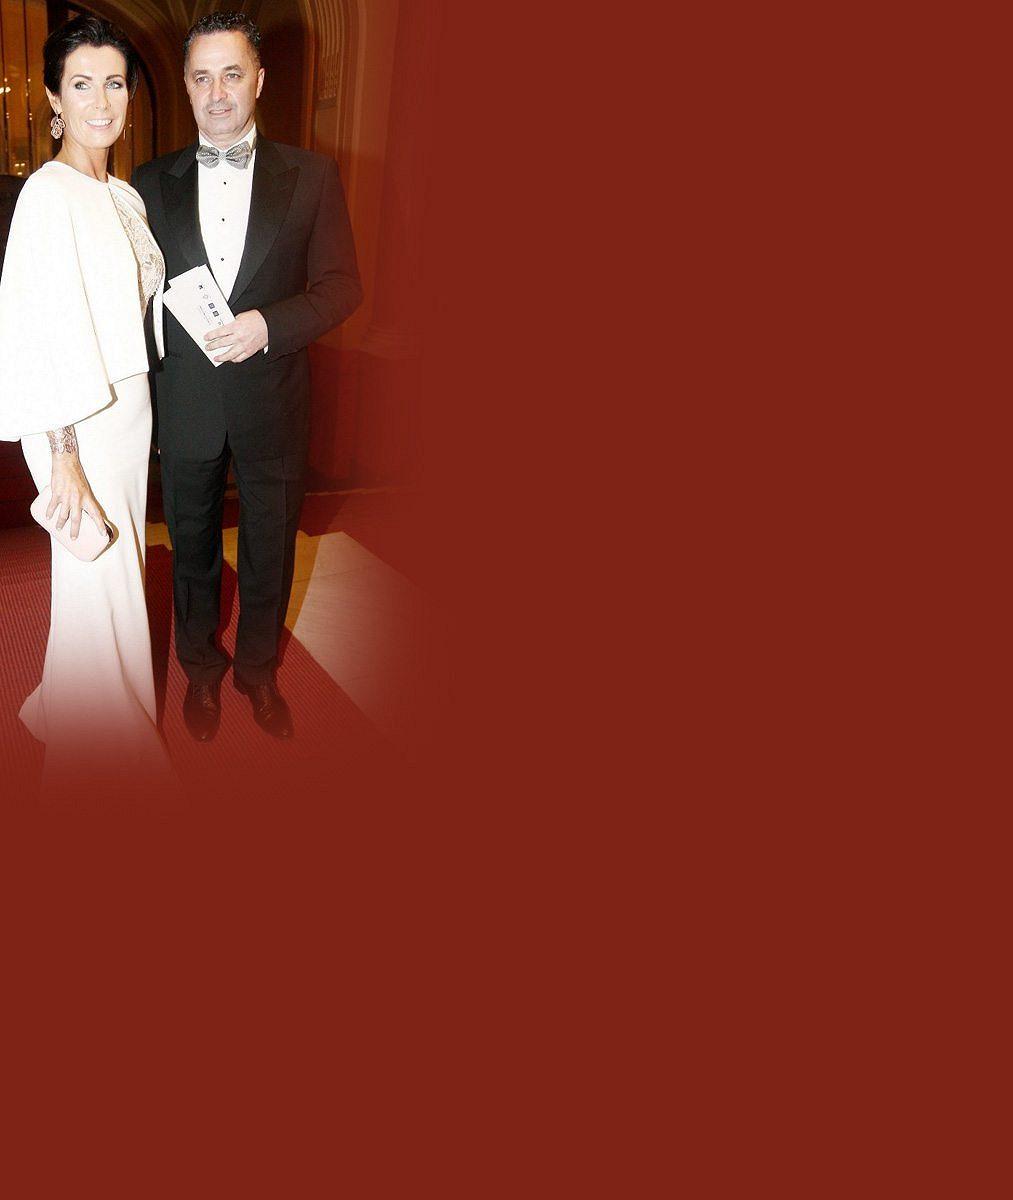 Mezi mladými modelkami se na plese neztratila: Manželka Martina Dejdara je totiž nejen nádherná, ale má i vkus